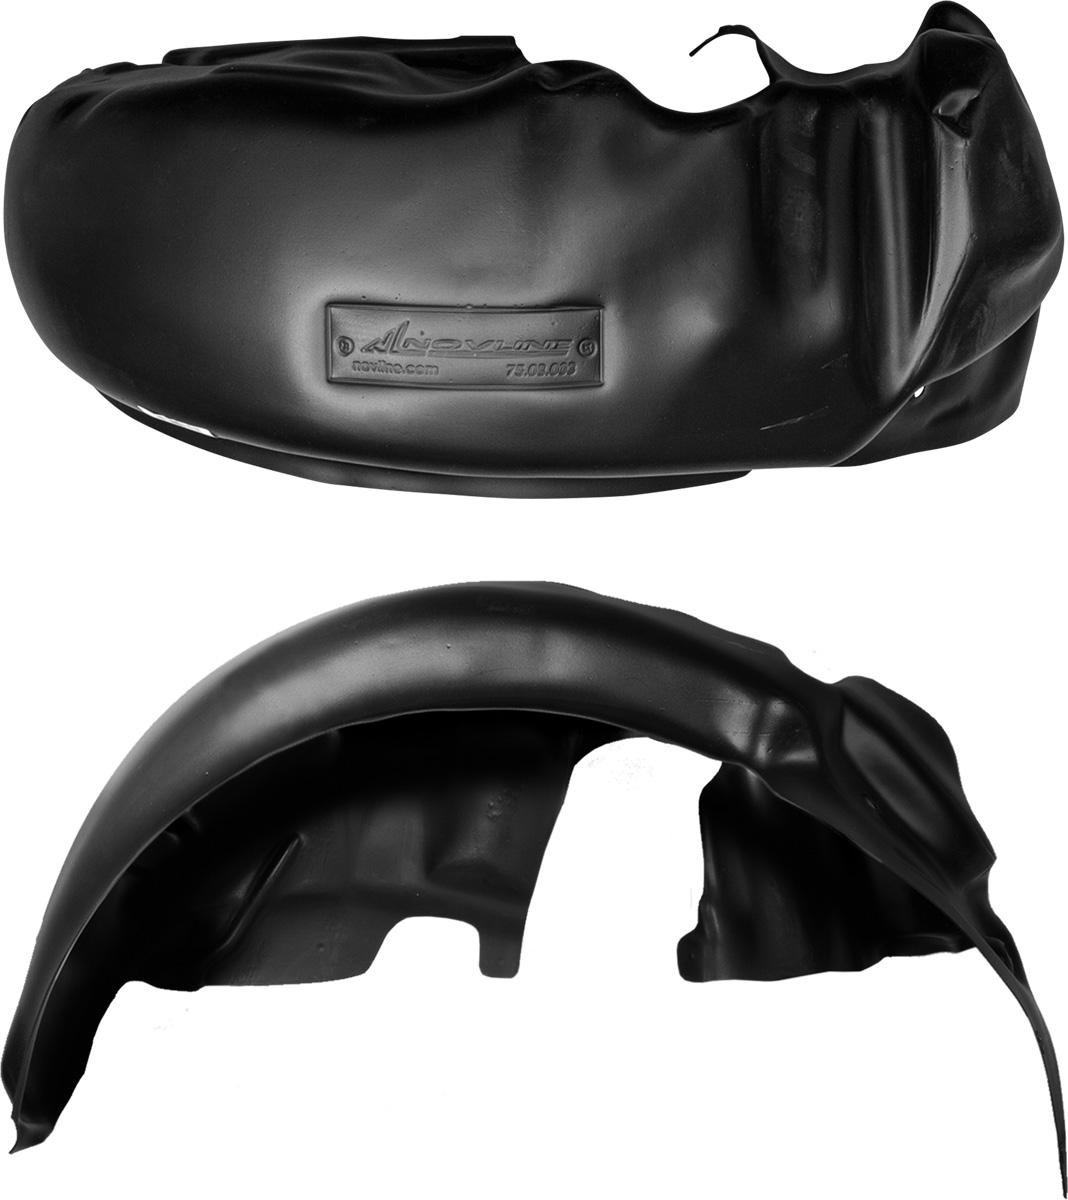 Комплект подкрылок Novline-Autofamily, для Ford Fusion 09/2002-2012, задние1750930Колесные ниши - одни из самых уязвимых зон днища вашего автомобиля. Они постоянно подвергаются воздействию со стороны дороги. Лучшая, почти абсолютная защита для них - специально отформованные пластиковые кожухи, которые называются подкрылками. Производятся они как для отечественных моделей автомобилей, так и для иномарок. Подкрылки Novline-Autofamily выполнены из высококачественного, экологически чистого пластика. Обеспечивают надежную защиту кузова автомобиля от пескоструйного эффекта и негативного влияния, агрессивных антигололедных реагентов. Пластик обладает более низкой теплопроводностью, чем металл, поэтому в зимний период эксплуатации использование пластиковых подкрылков позволяет лучше защитить колесные ниши от налипания снега и образования наледи. Оригинальность конструкции подчеркивает элегантность автомобиля, бережно защищает нанесенное на днище кузова антикоррозийное покрытие и позволяет осуществить крепление подкрылков внутри колесной арки практически без дополнительного крепежа и сверления, не нарушая при этом лакокрасочного покрытия, что предотвращает возникновение новых очагов коррозии. Подкрылки долговечны, обладают высокой прочностью и сохраняют заданную форму, а также все свои физико-механические характеристики в самых тяжелых климатических условиях (от -50°С до +50°С).Уважаемые клиенты!Обращаем ваше внимание, на тот факт, что подкрылок имеет форму, соответствующую модели данного автомобиля. Фото служит для визуального восприятия товара.